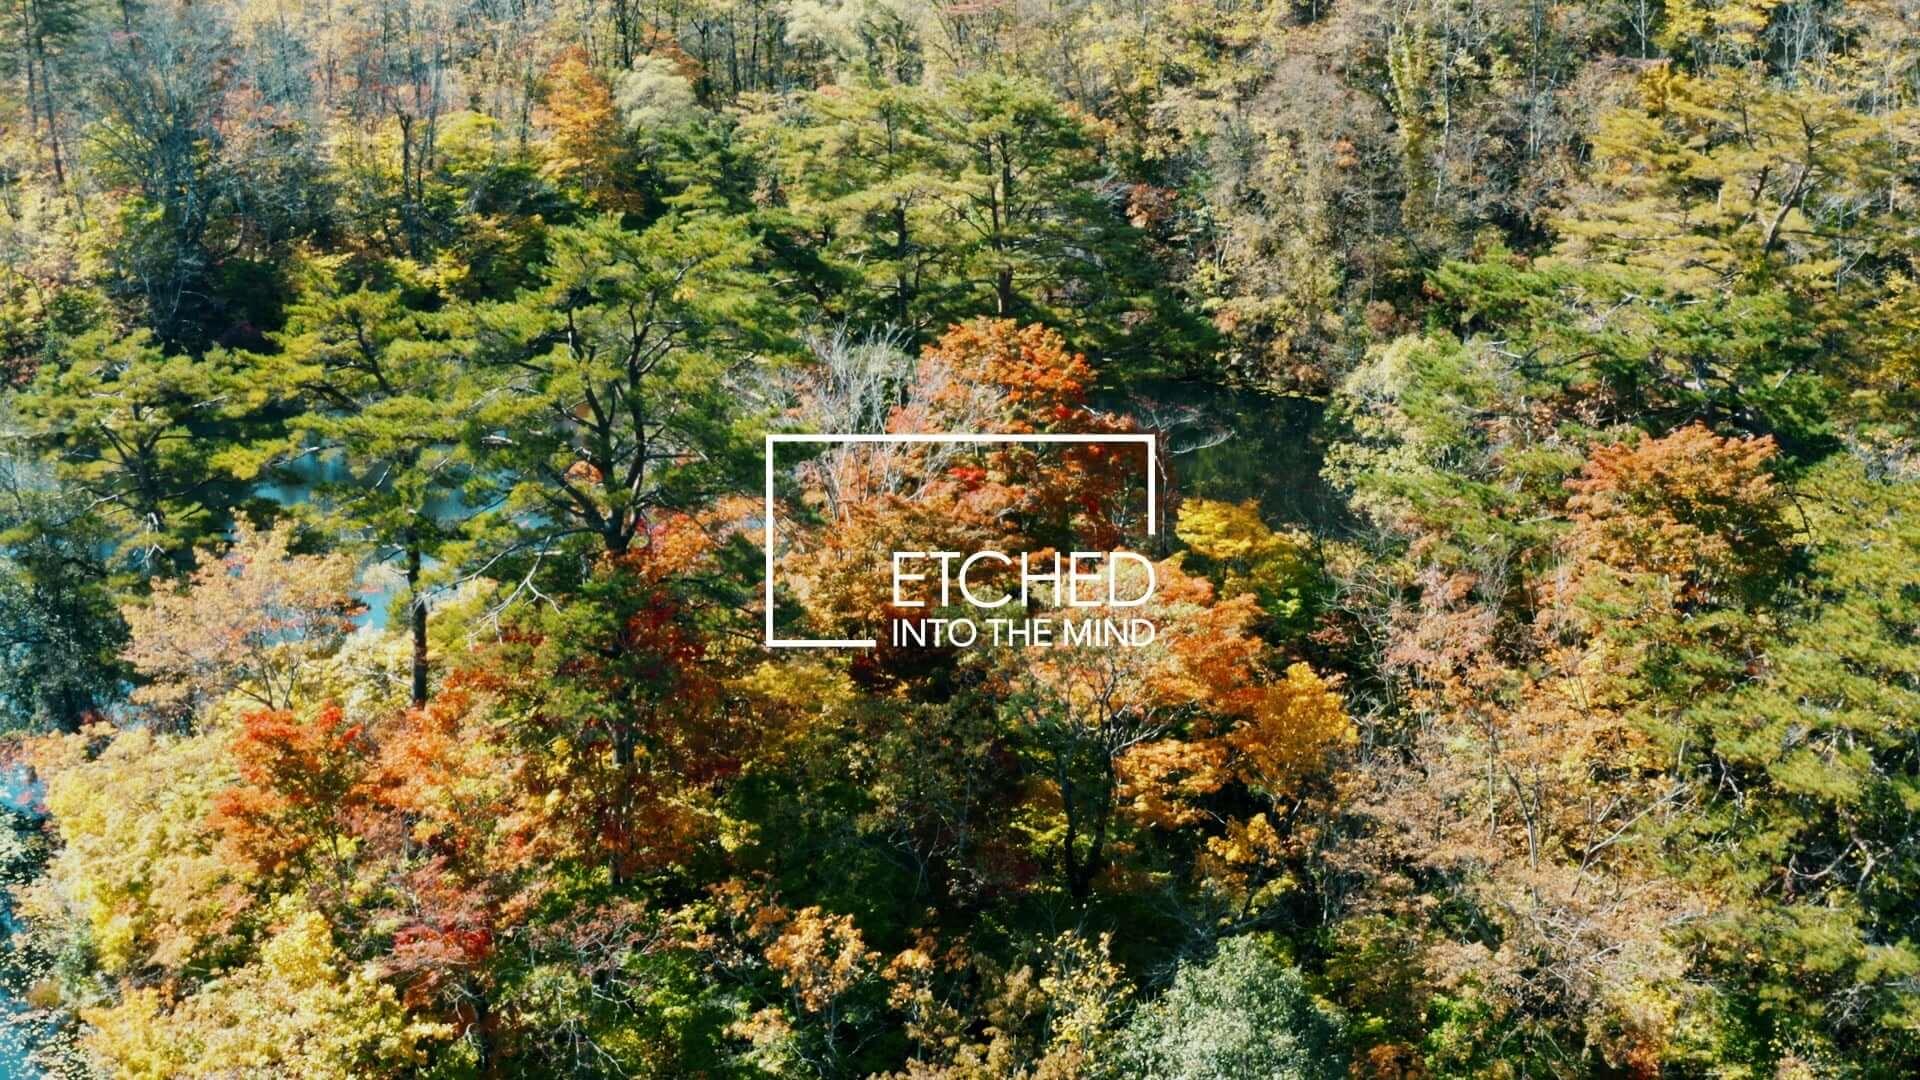 日本の風景&音楽を発信するアートプロジェクト「ETCHED」にSakura Tsurutaが登場!4Kのライブ映像が無料公開 music201120_etched_1-1920x1080